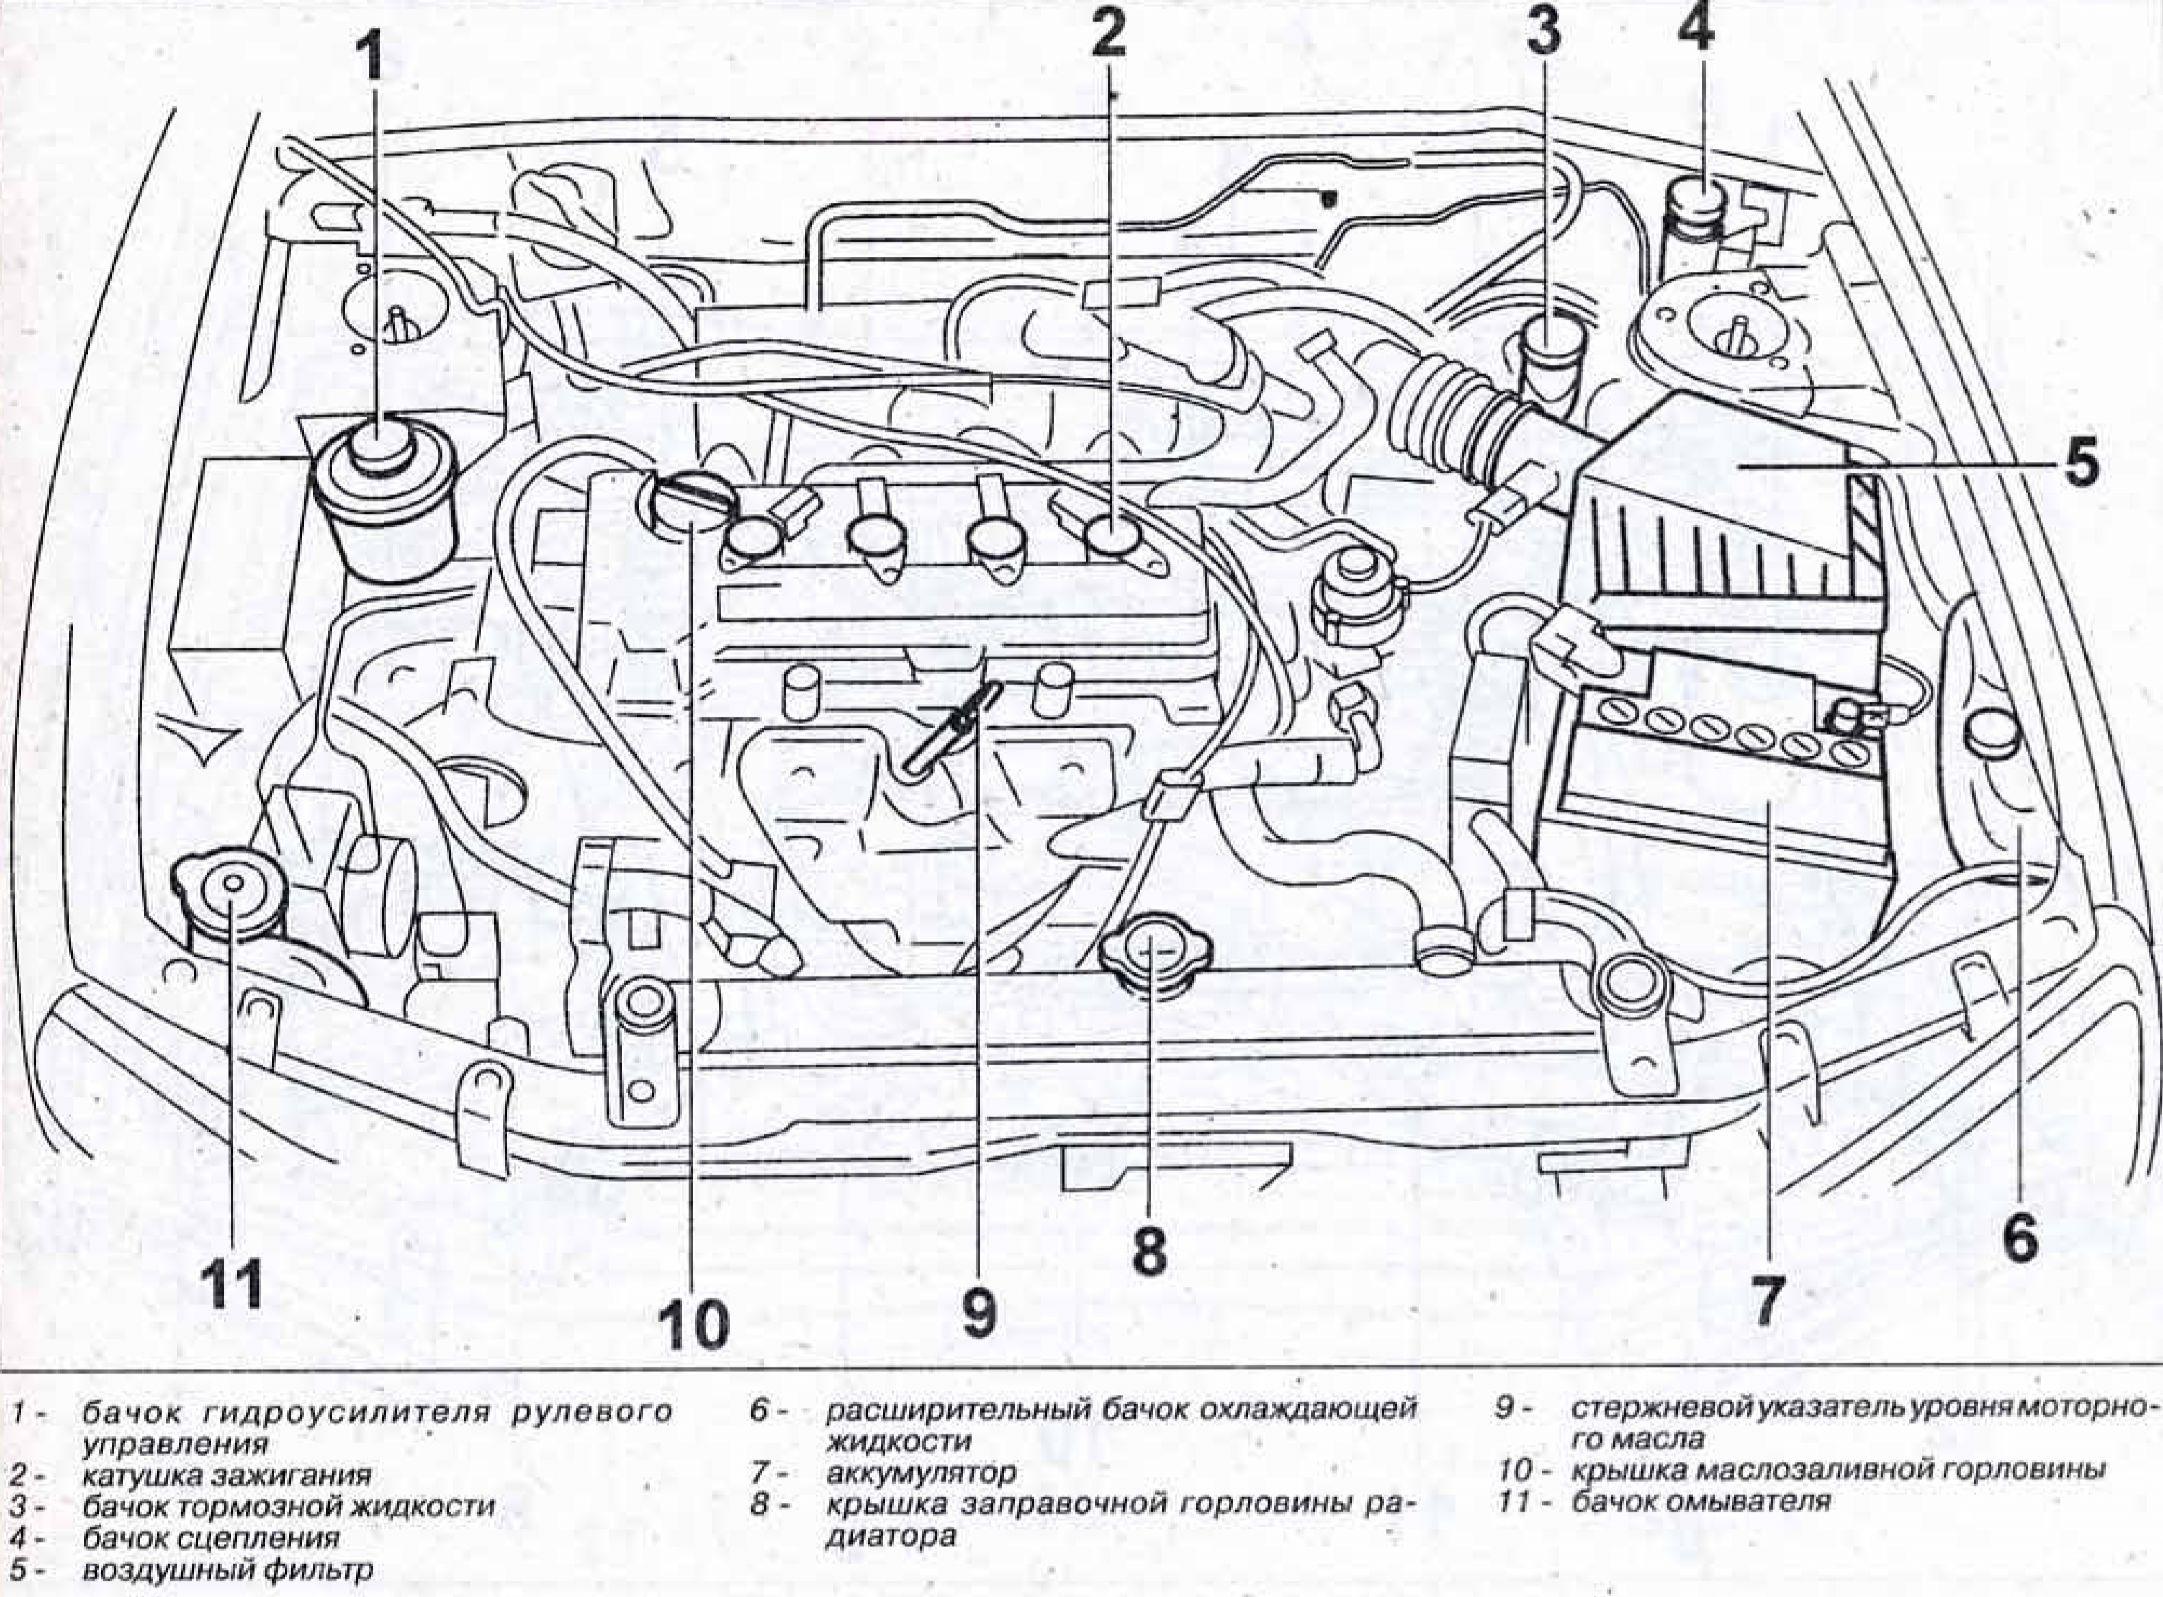 Двигатель qg18de схема